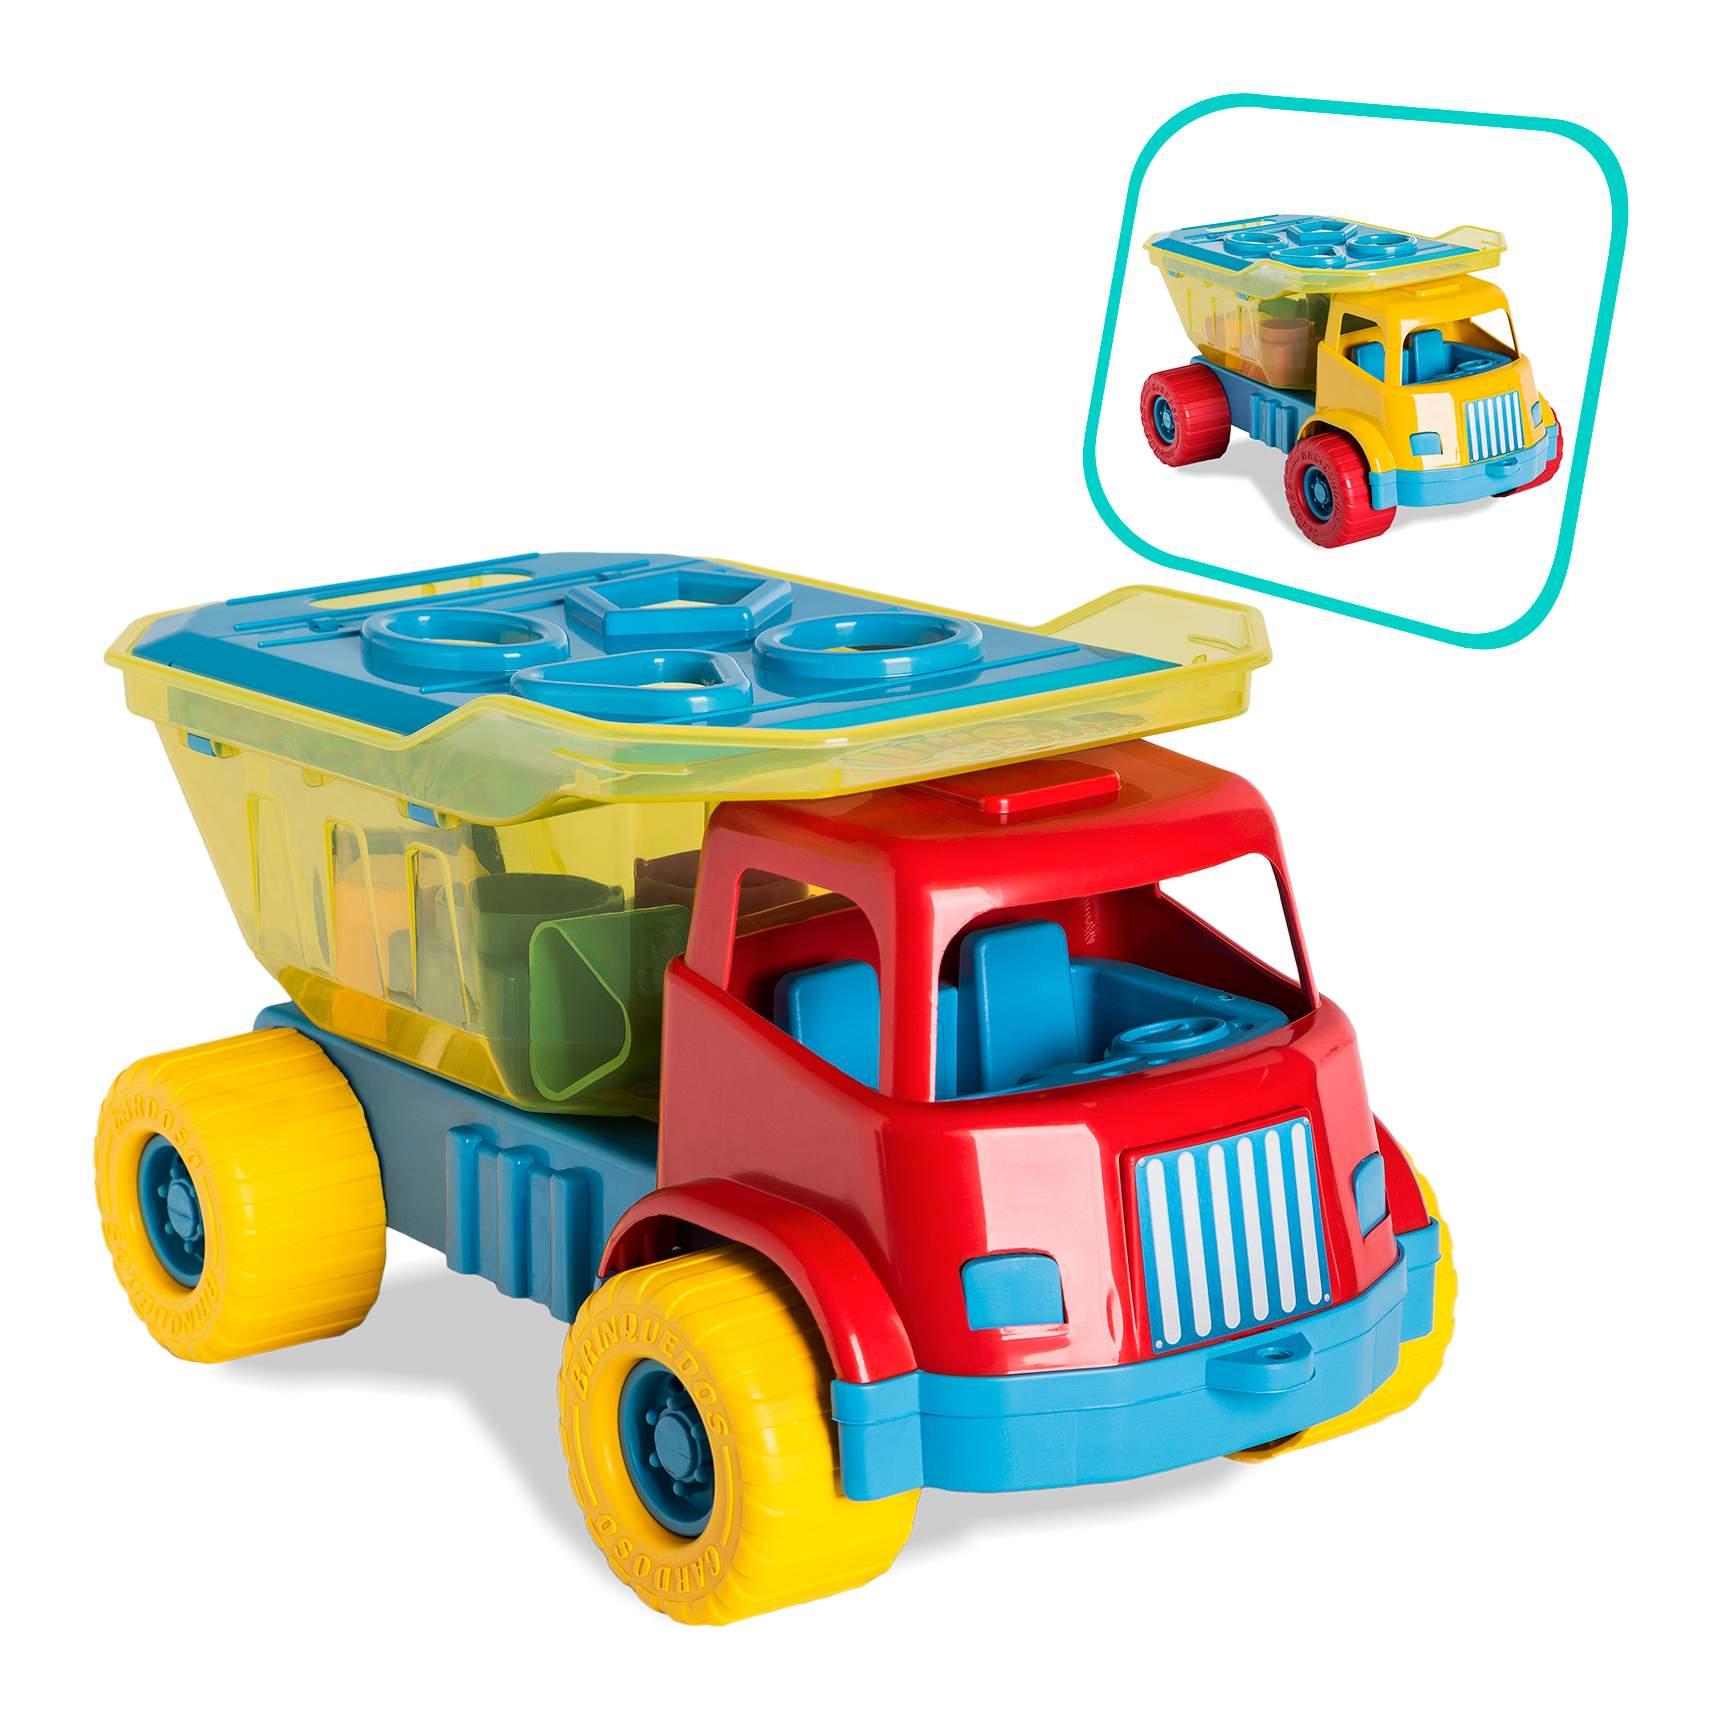 Caminhao Caçamba Didatico Dino Educatvos Cardoso toys